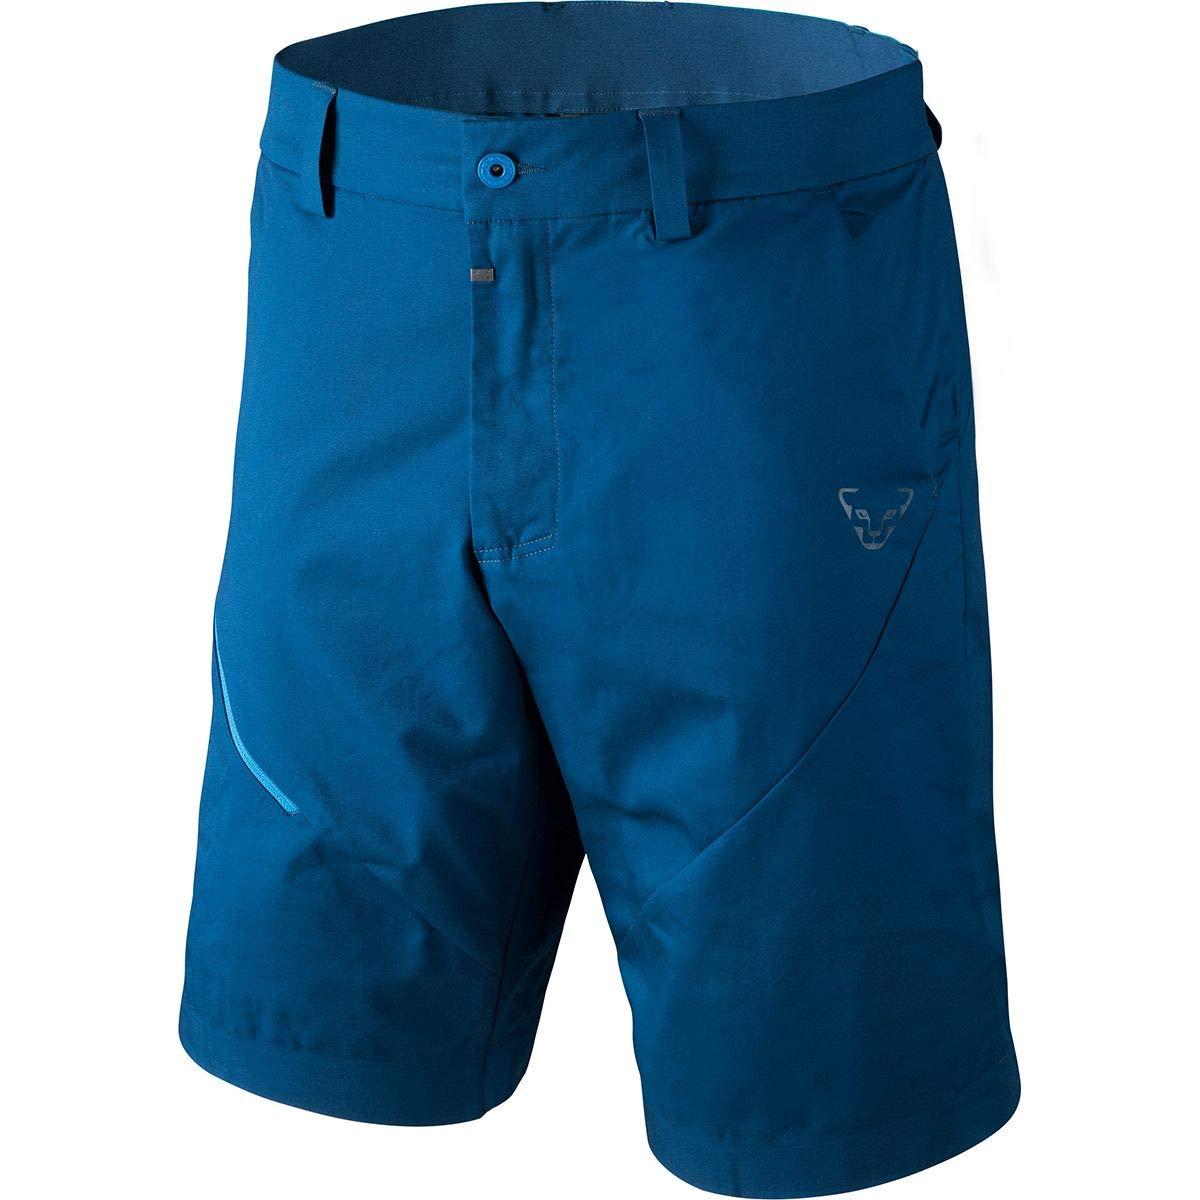 DYNAFIT Herren 24/7 2 Shorts Pants Kurze Hose neu